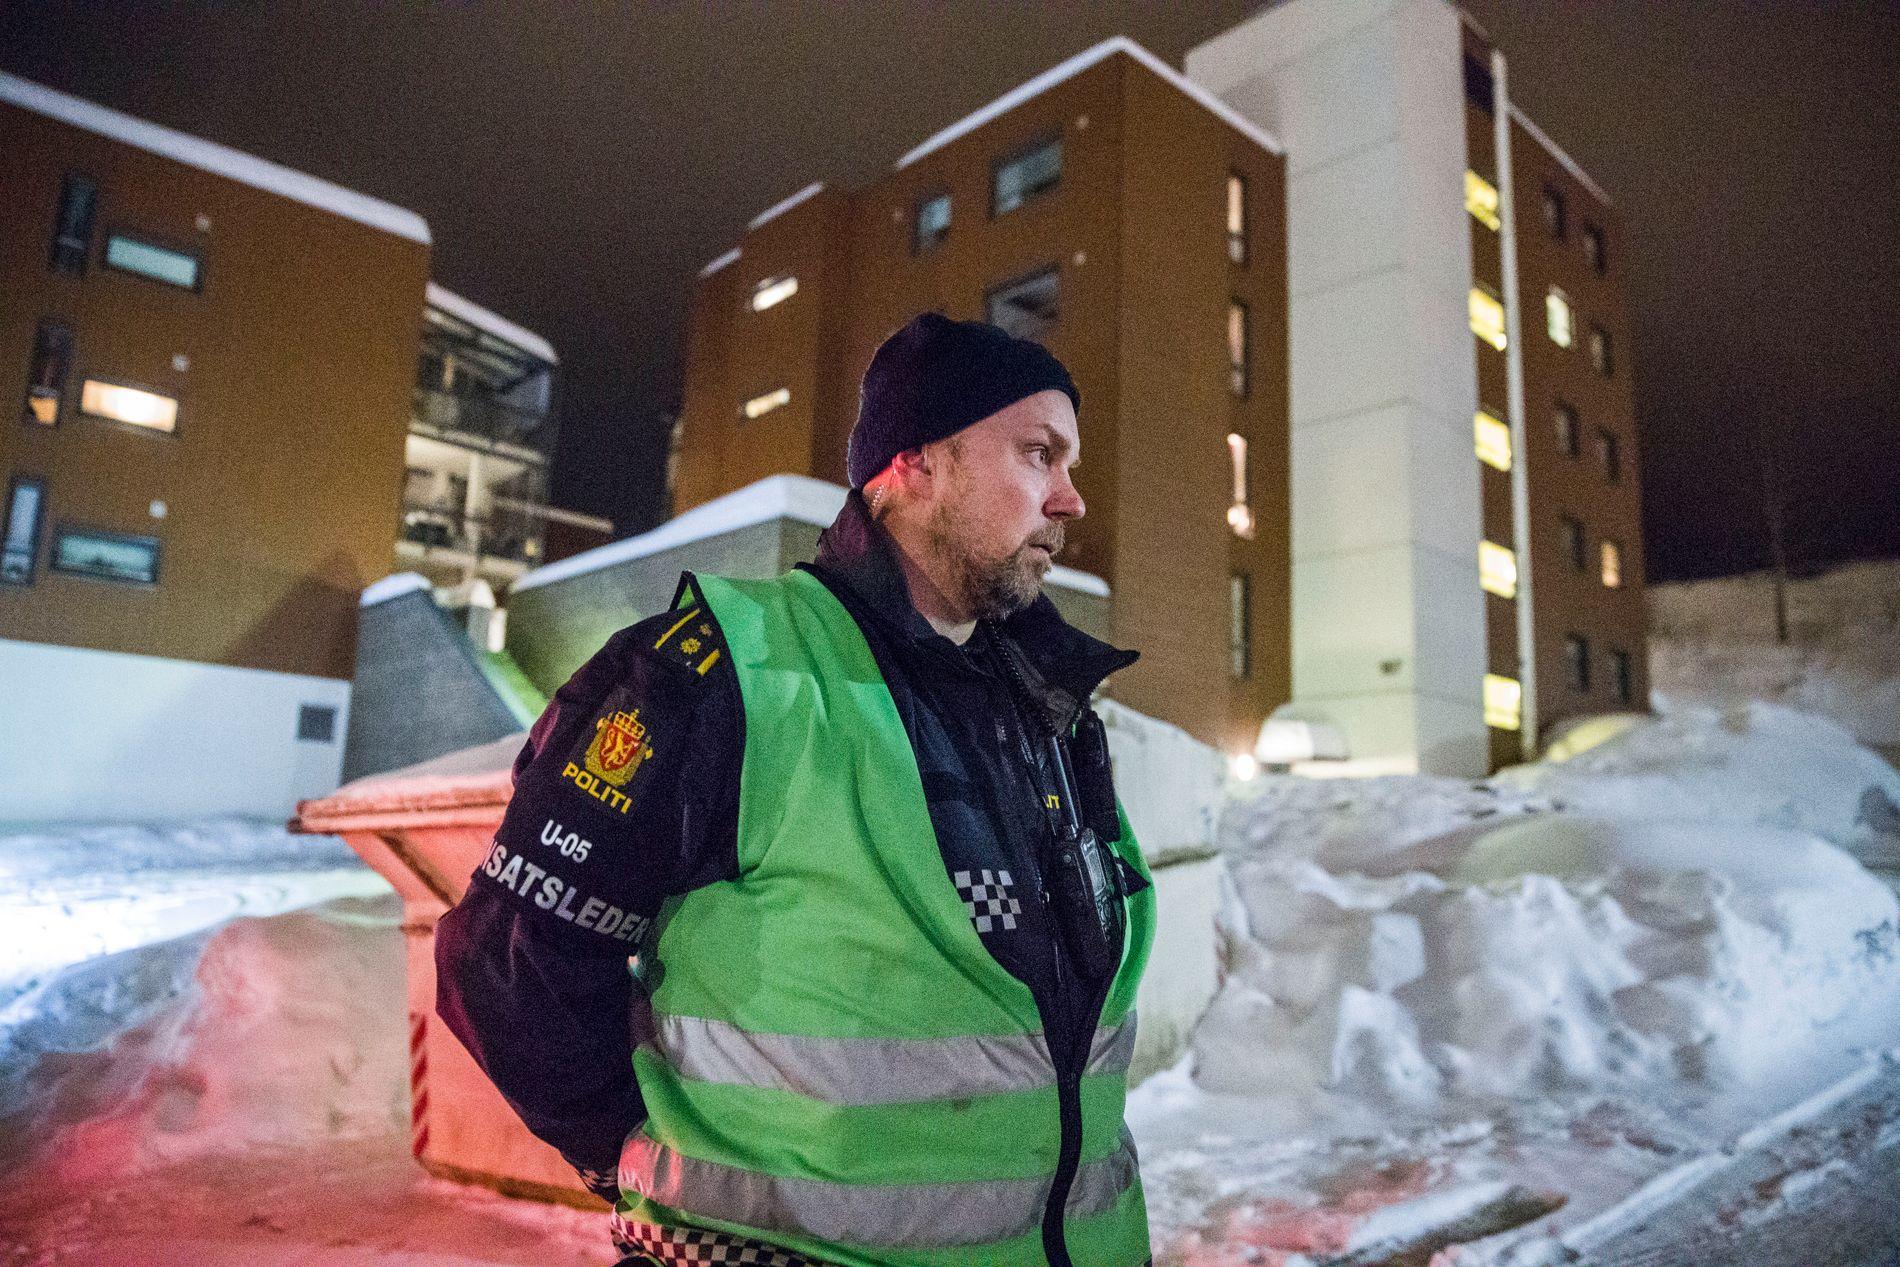 RYKKET UT: Politiet og innsatsleder Anders Bru rykket ut til Nittedal i Akershus 10. mars etter at en mann i 30-årene er blitt skutt med pistol. Mannen døde senere av skuddskadene.